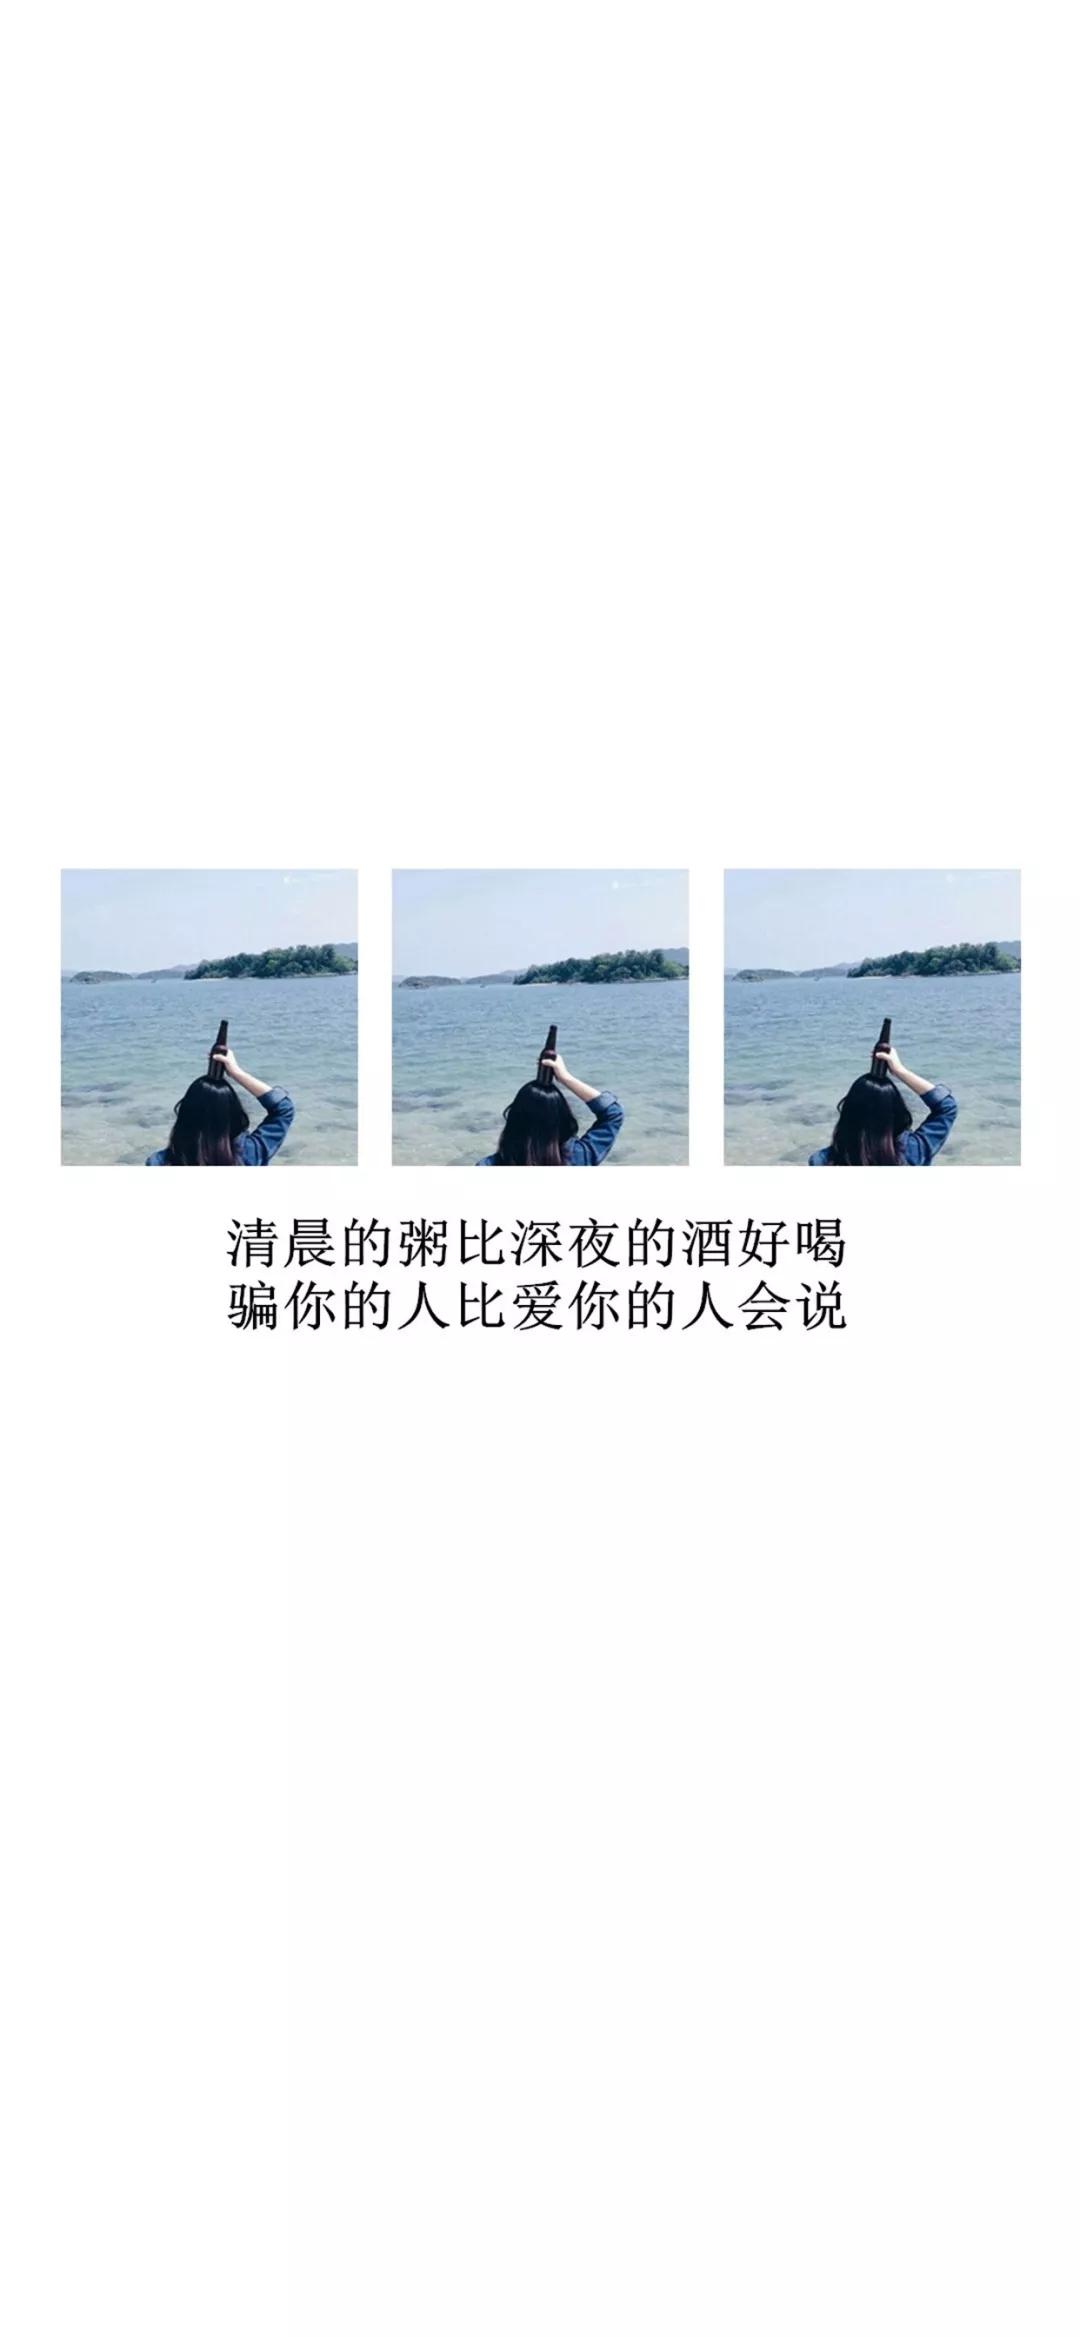 mmexport1557215844480.jpg